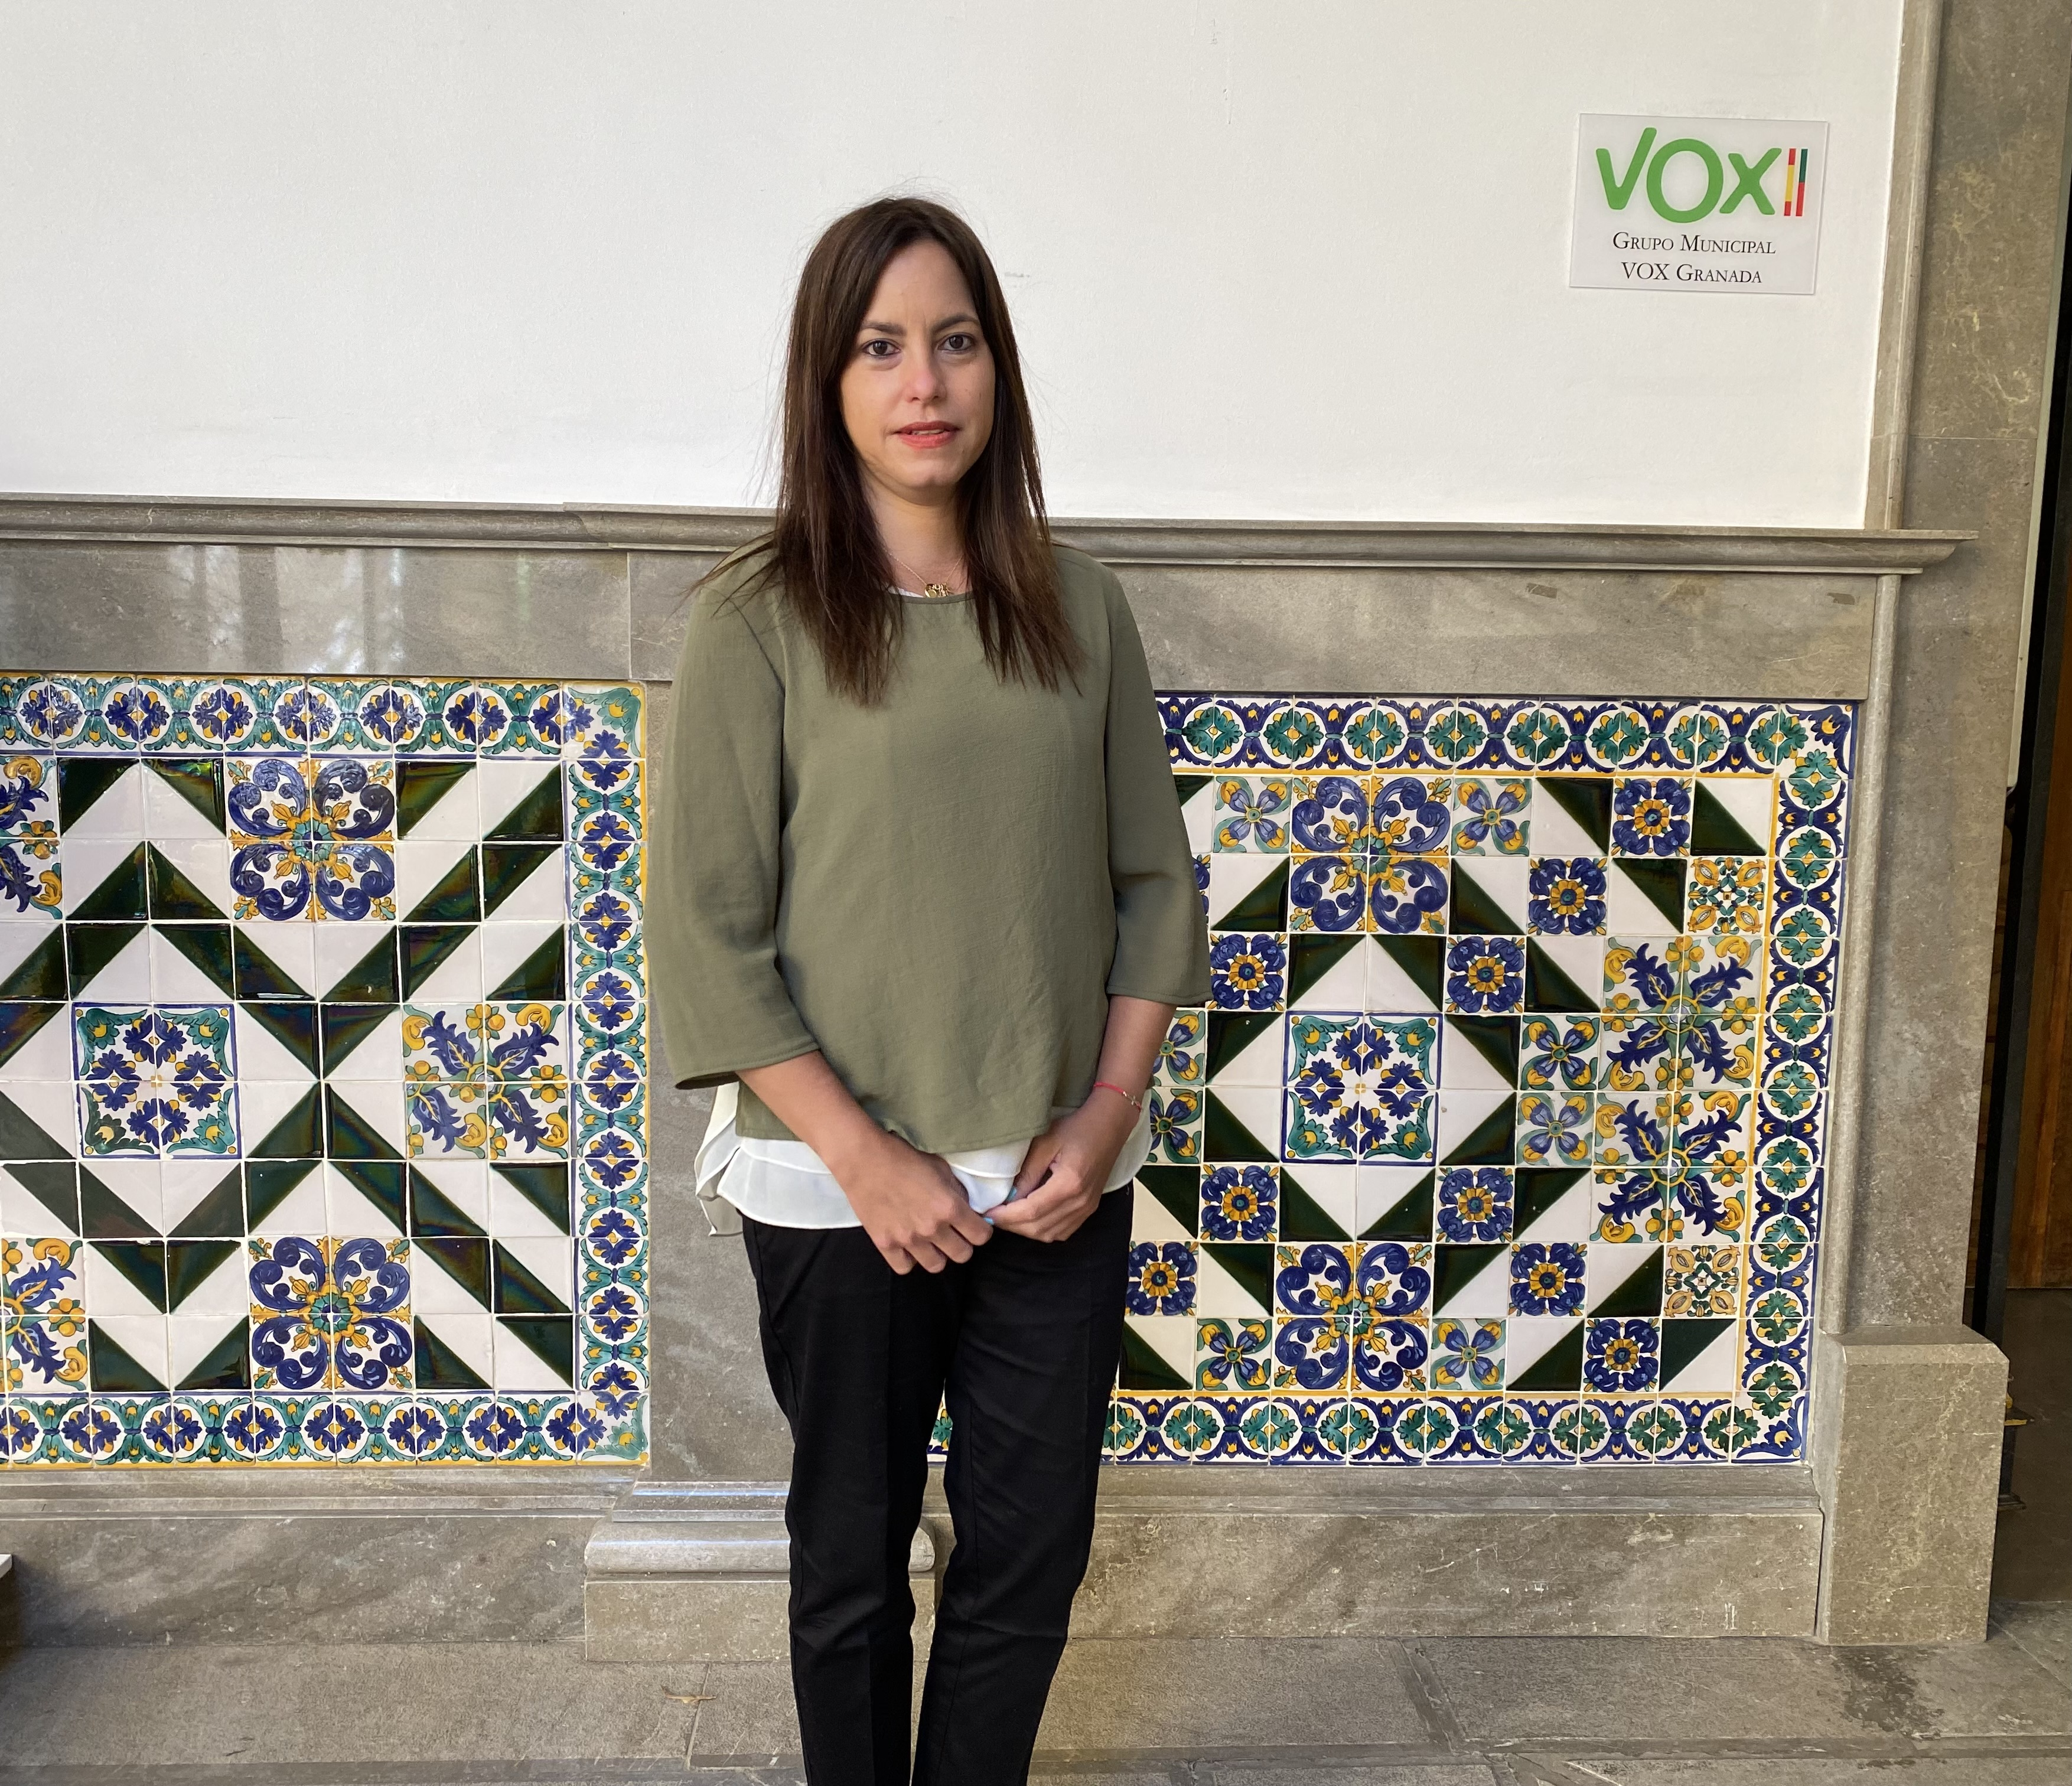 VOX lamenta la marcha de Iberseries por la «desidia» del equipo de gobierno de Granada